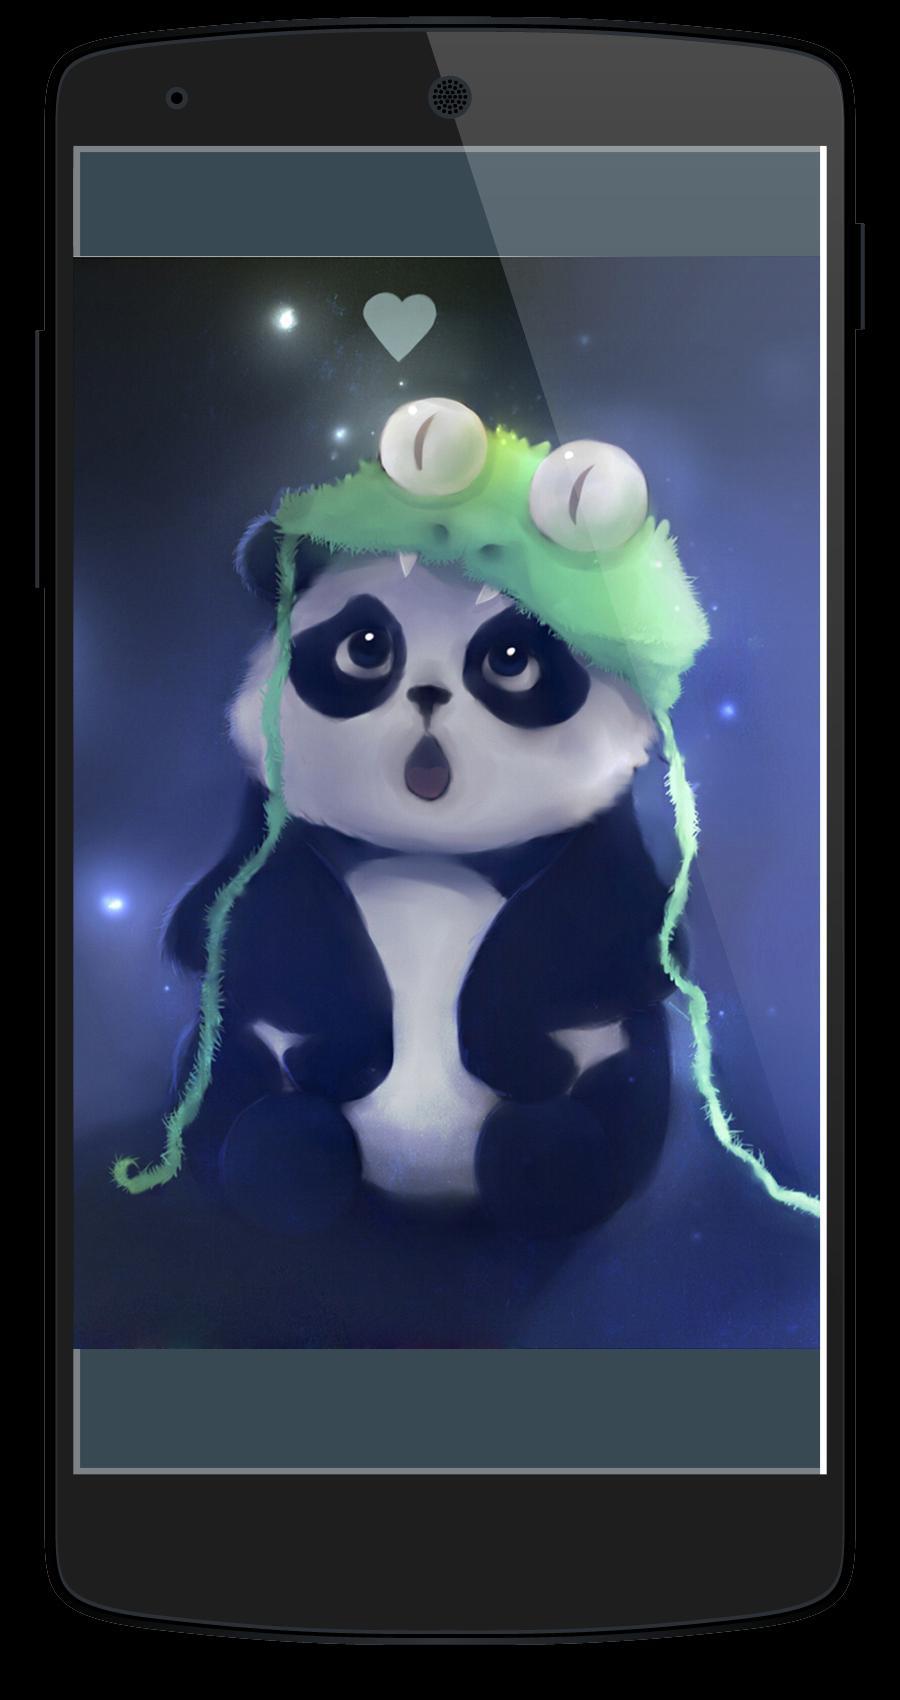 Cute Anime Panda Wallpaper Für Android Apk Herunterladen